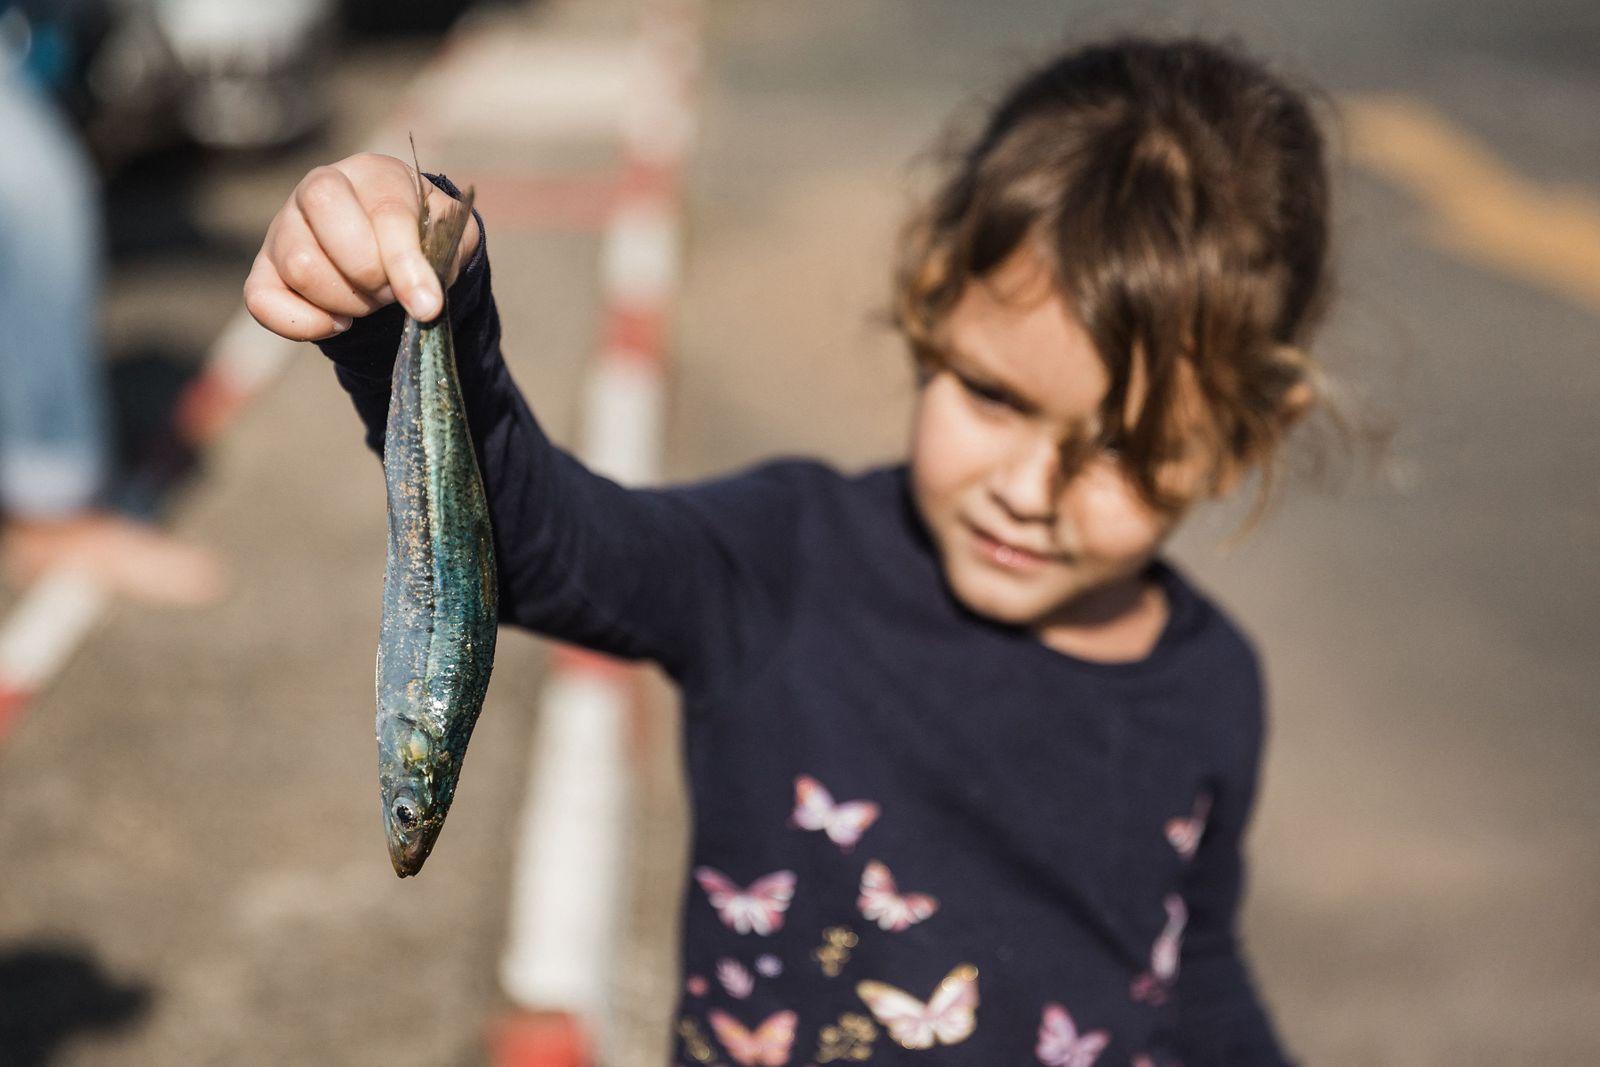 SAFRICA-OCEANS-ENVIRONMENT-FISHING